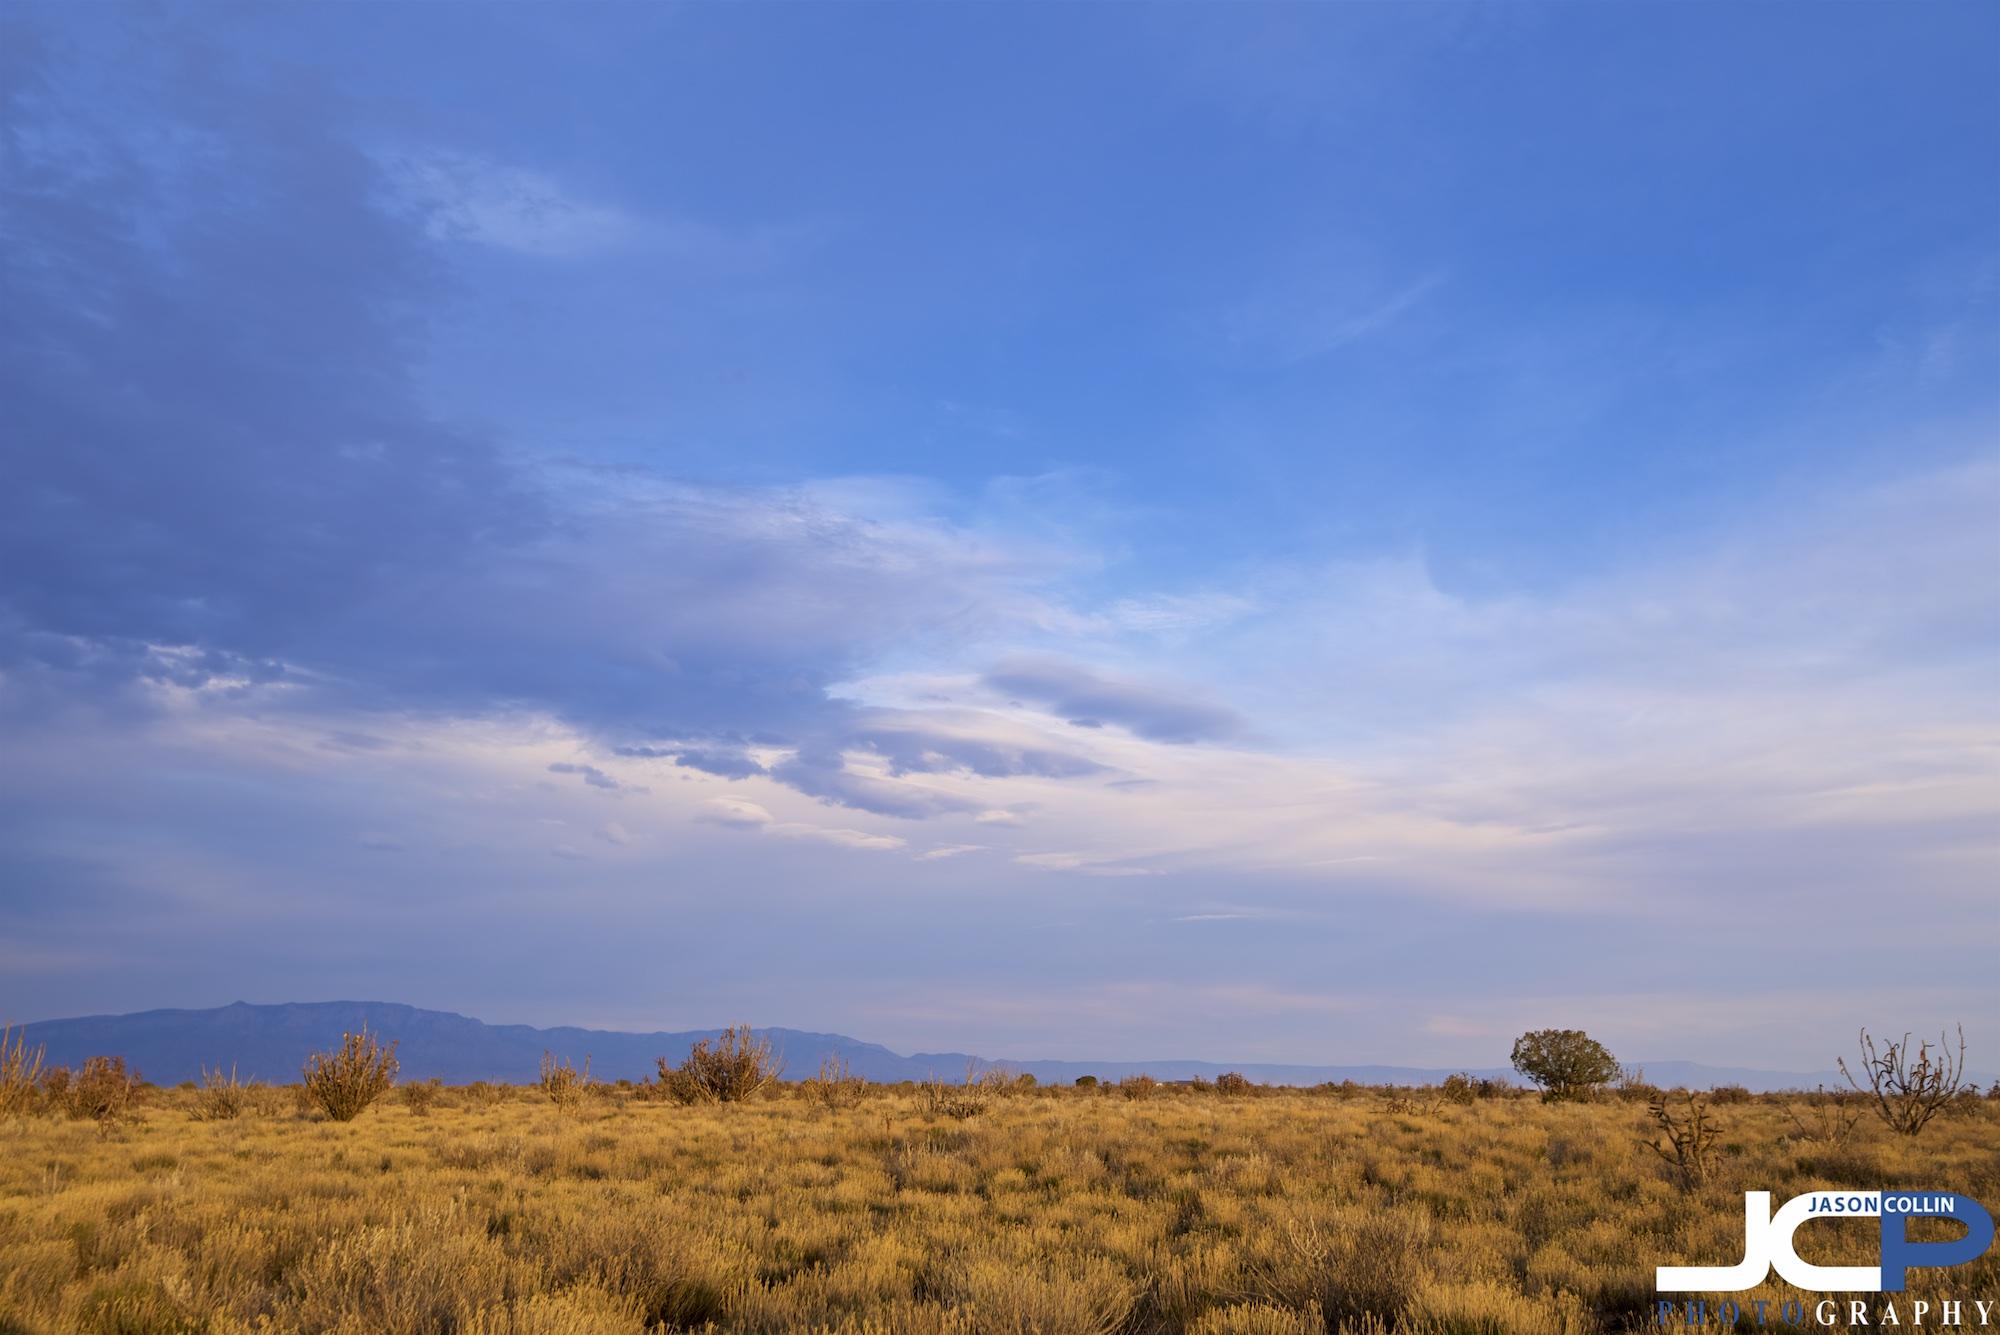 SNNM-2244-rio-rancho-89213.jpg